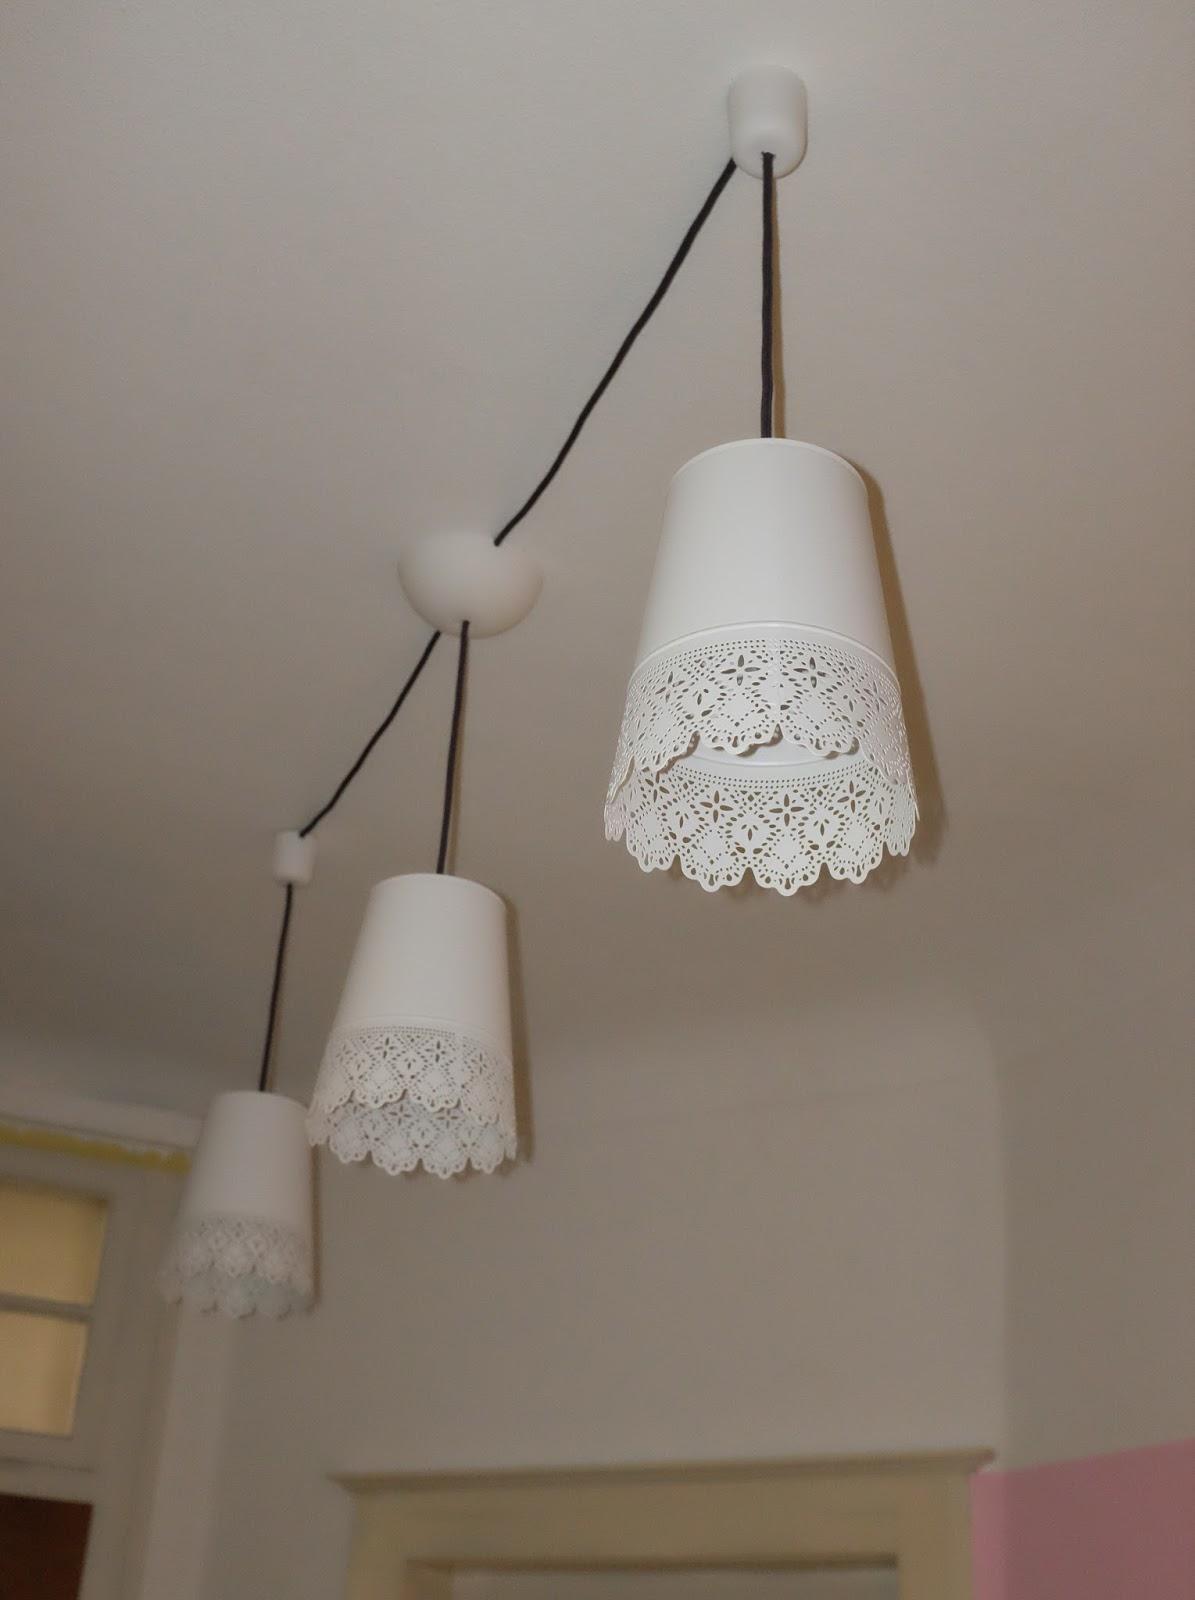 Full Size of Wohnzimmer Deckenlampe Schlafzimmer Modulküche Ikea Küche Betten 160x200 Miniküche Bei Bad Deckenlampen Esstisch Kosten Sofa Mit Schlaffunktion Kaufen Wohnzimmer Deckenlampe Ikea